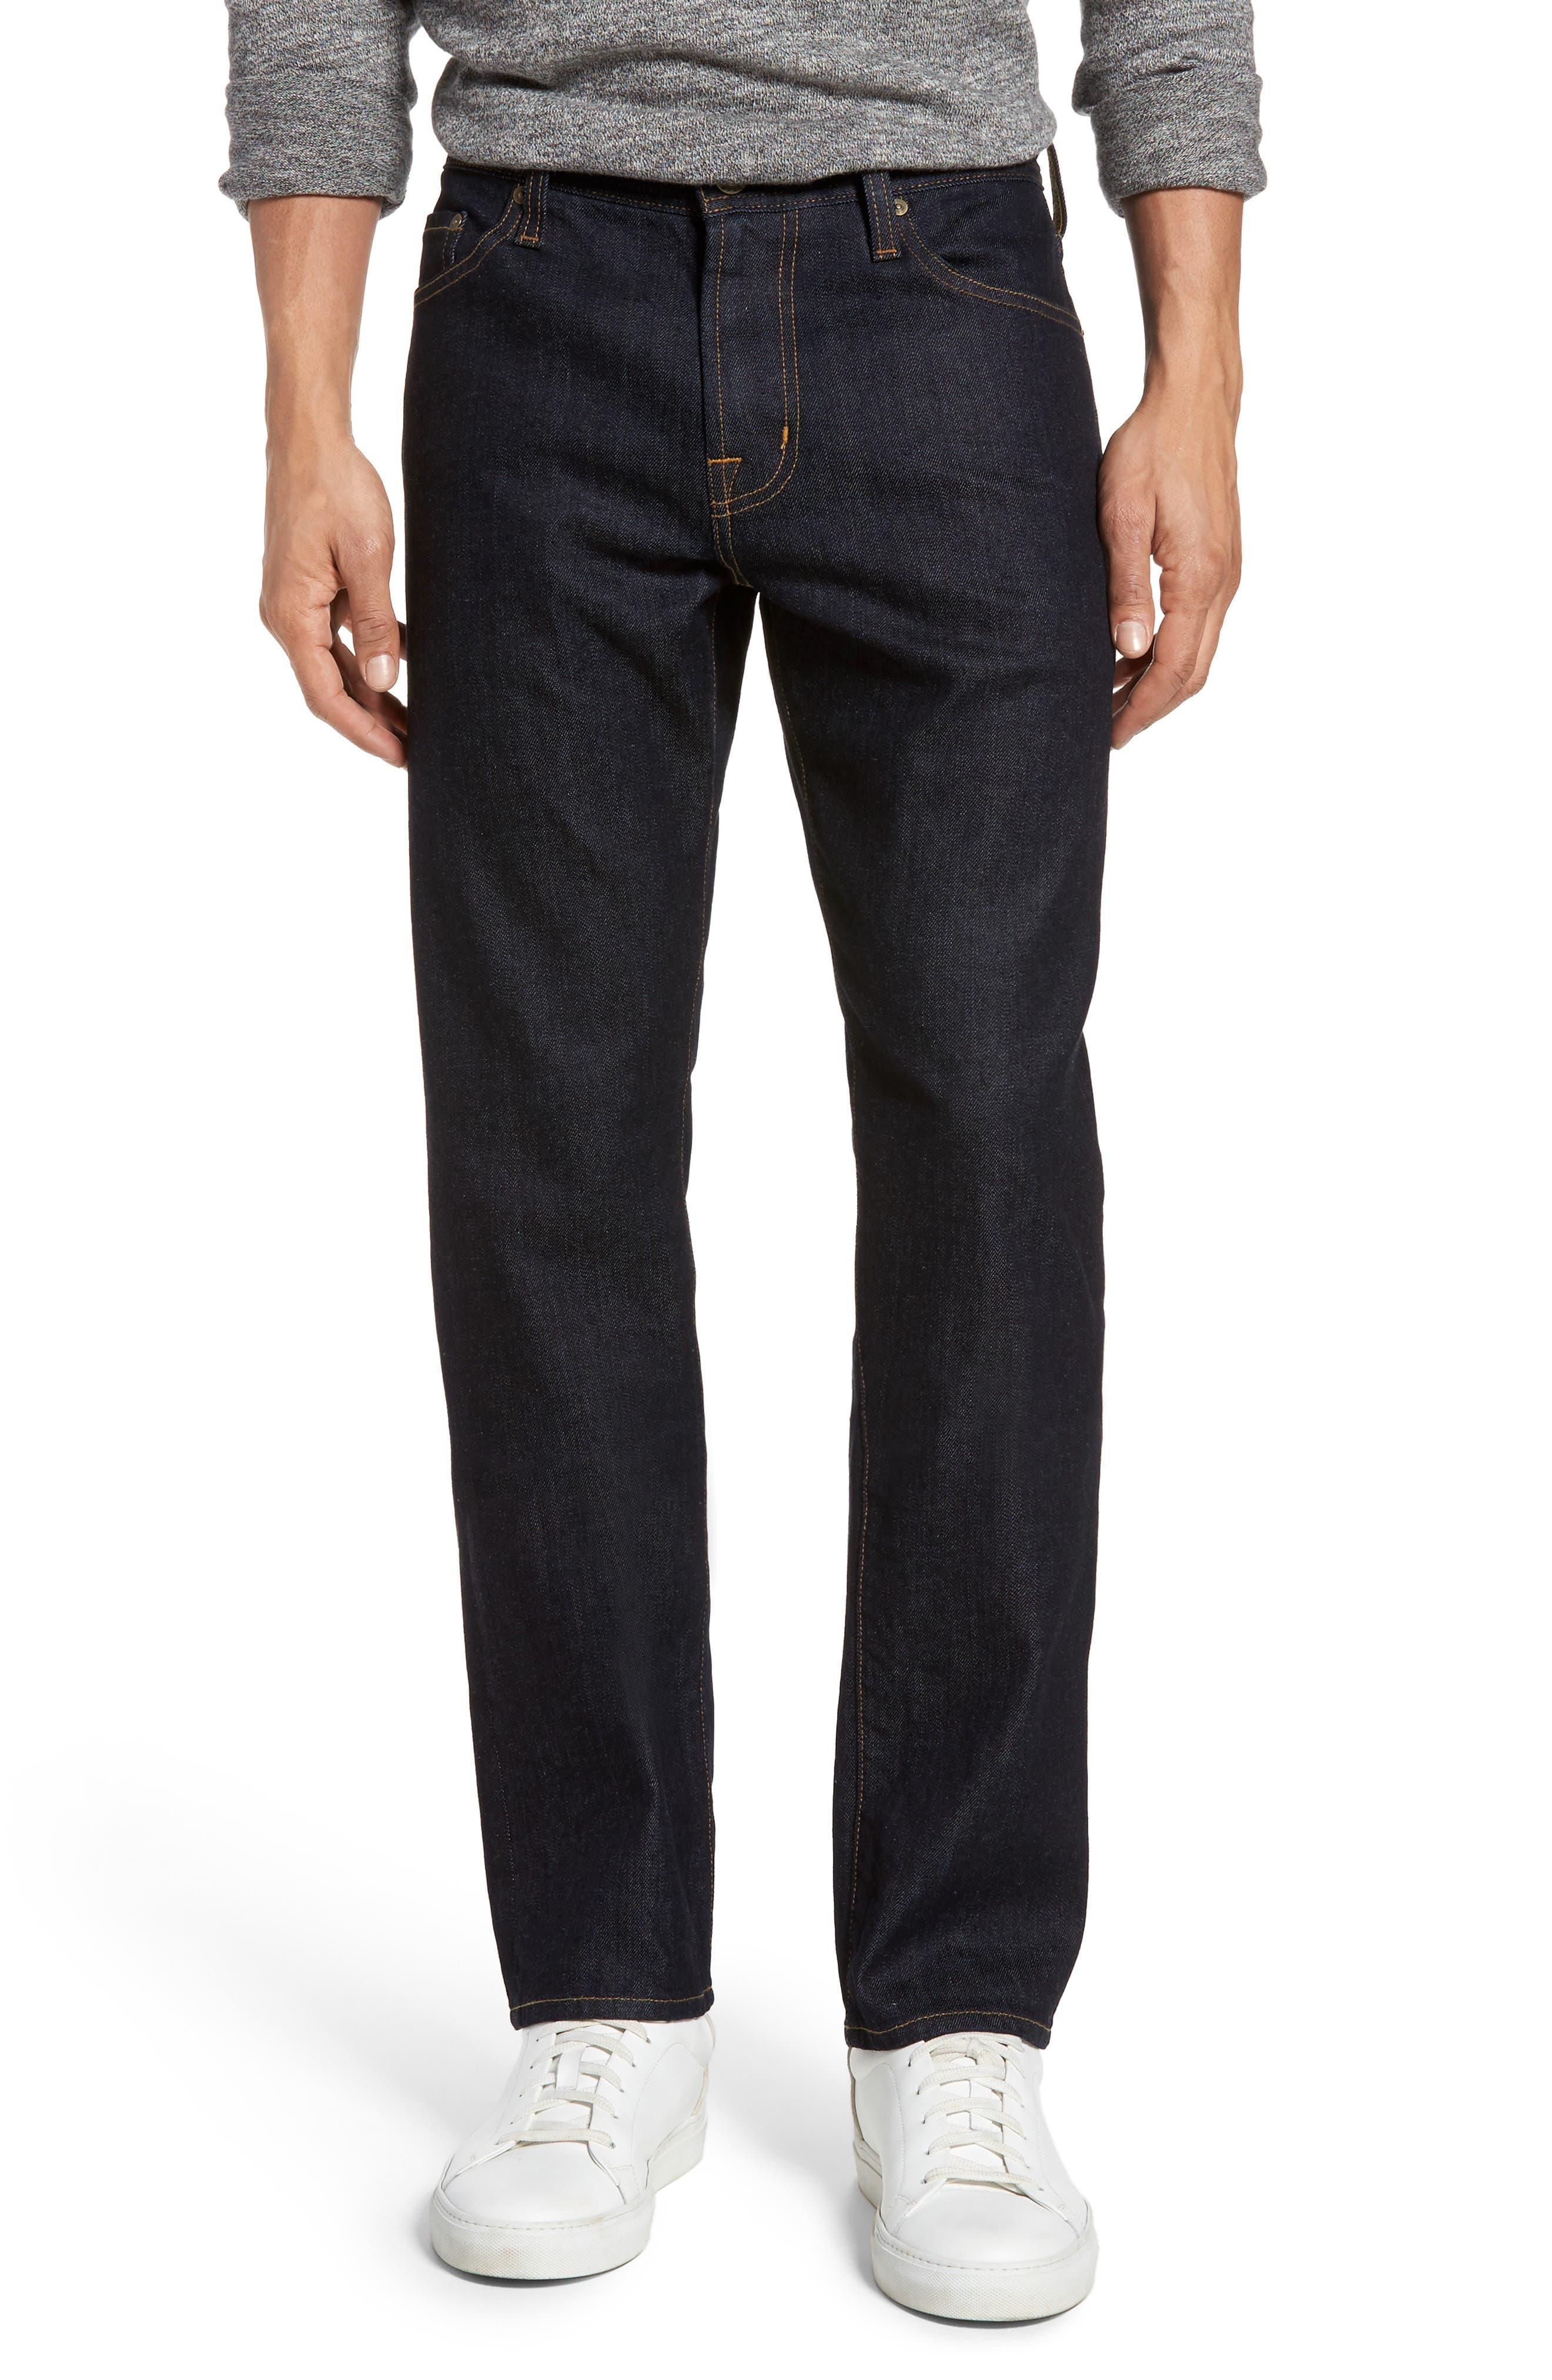 Everett Slim Straight Leg Jeans,                             Main thumbnail 1, color,                             HIGHWAY